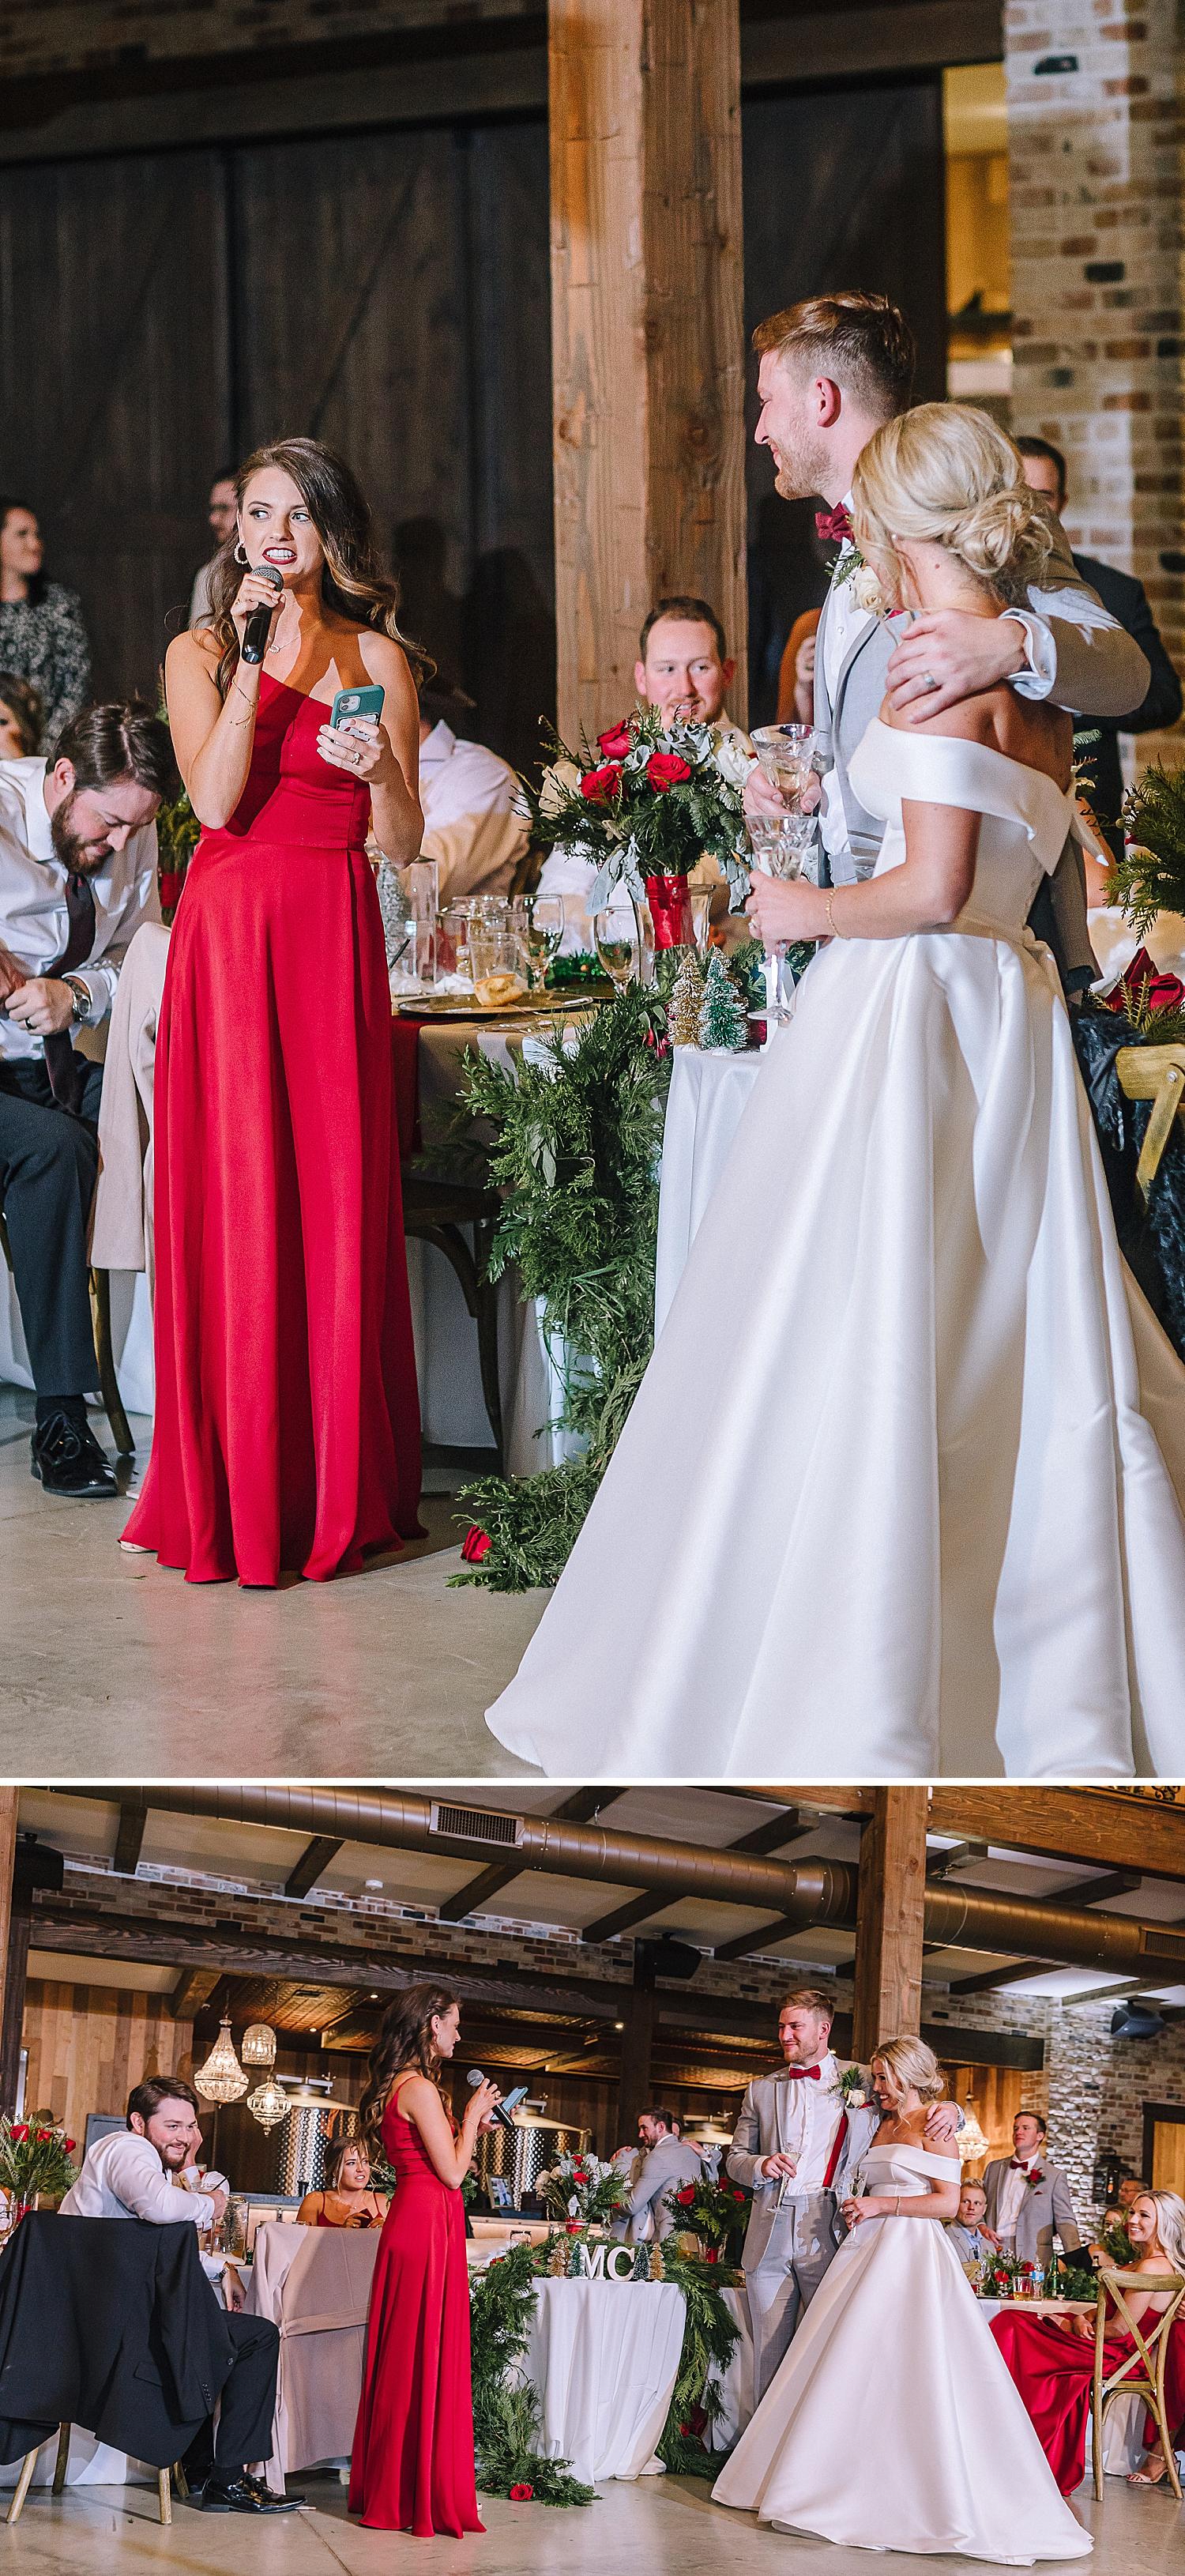 College-Station-Aggie-Wedding-The-Weinberg-at-Wixon-Valley-Christmas-Hallmark-Wedding_0138.jpg